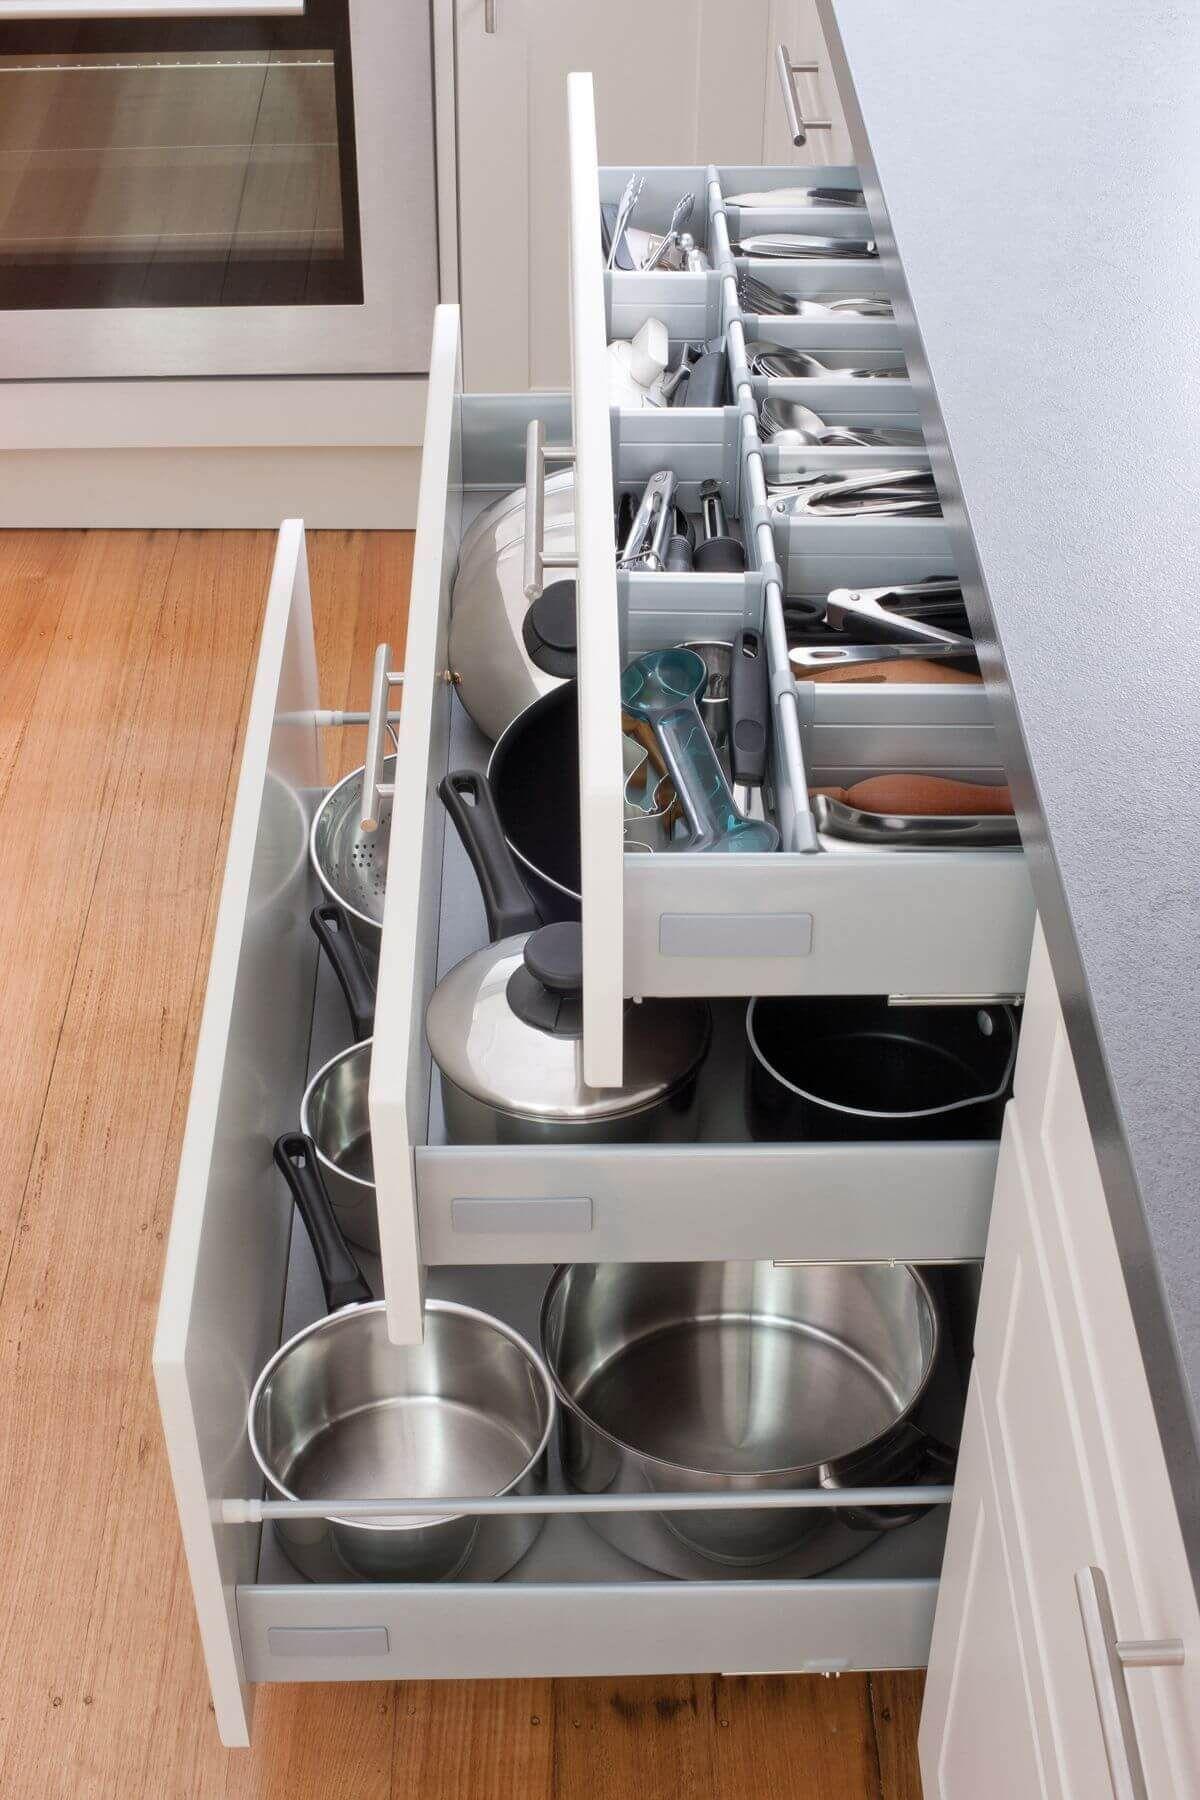 28 Kitchen Cabinets And Storage Ideas Best Kitchen Cabinets New Kitchen Cabinets Kitchen Design